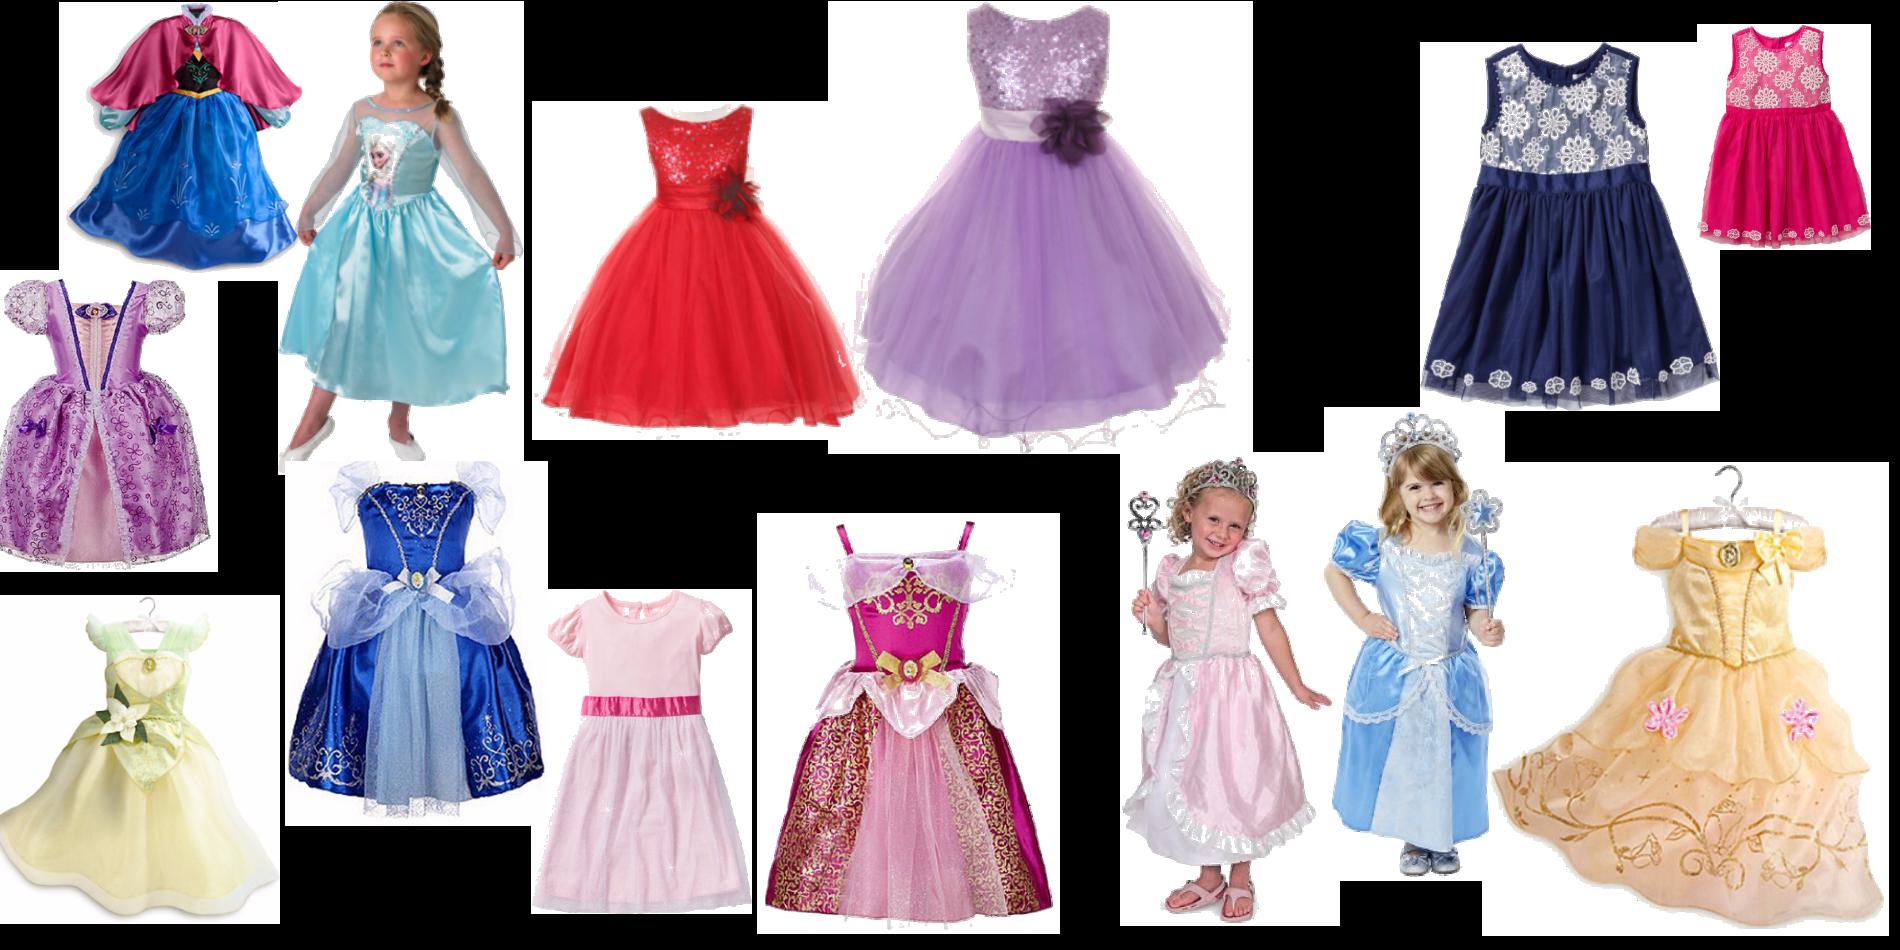 Prinsessklänningar